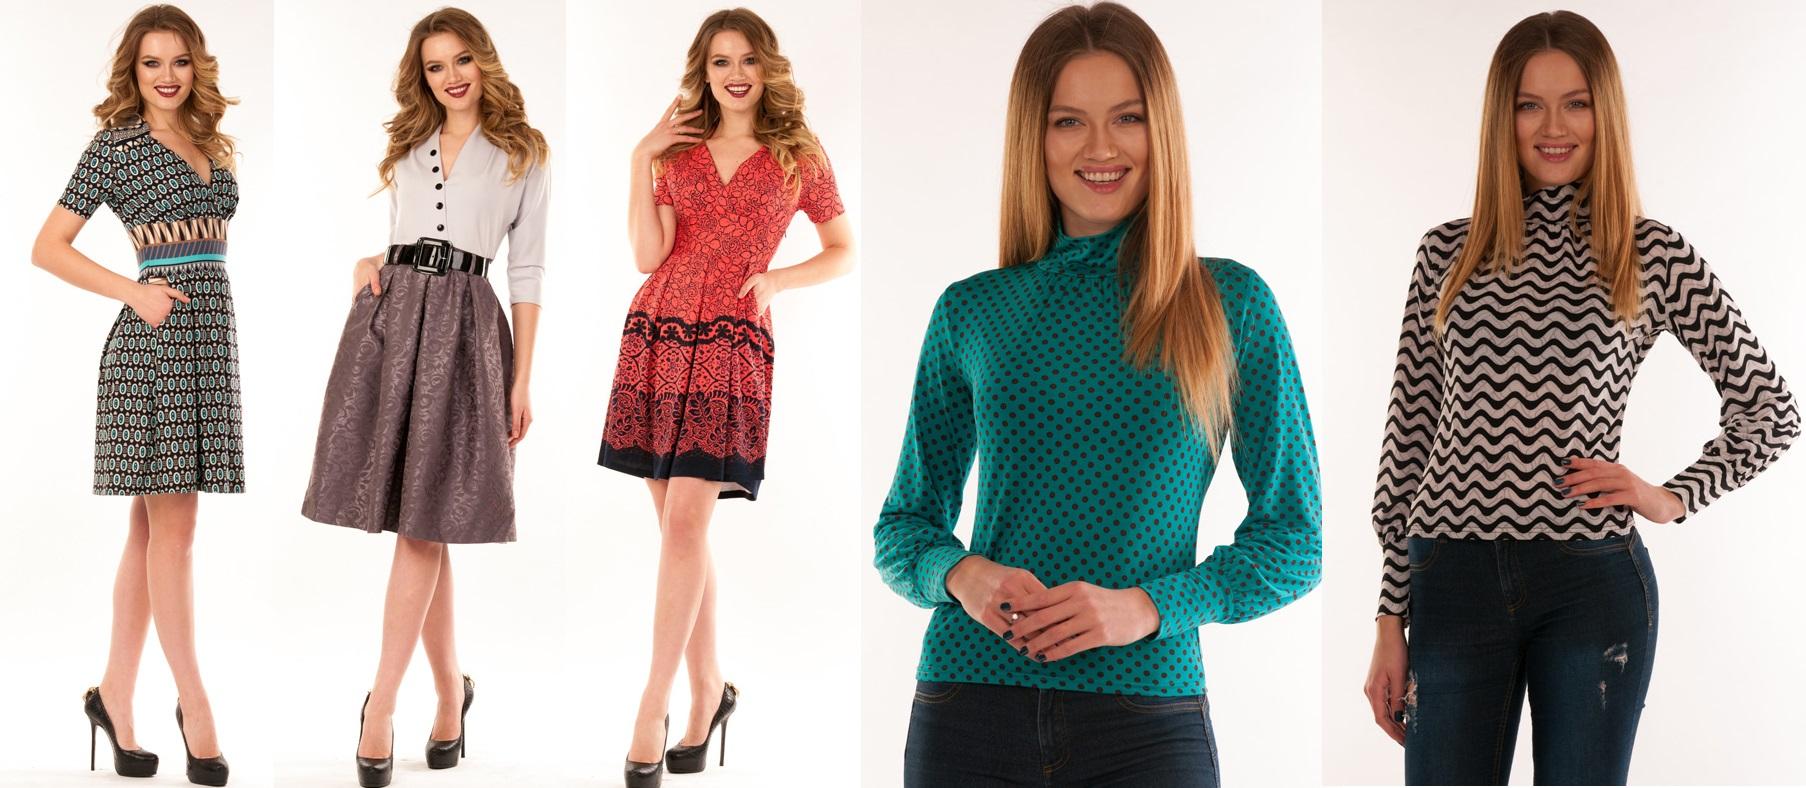 Настроение весны! Первые весенние платья уже в продаже.